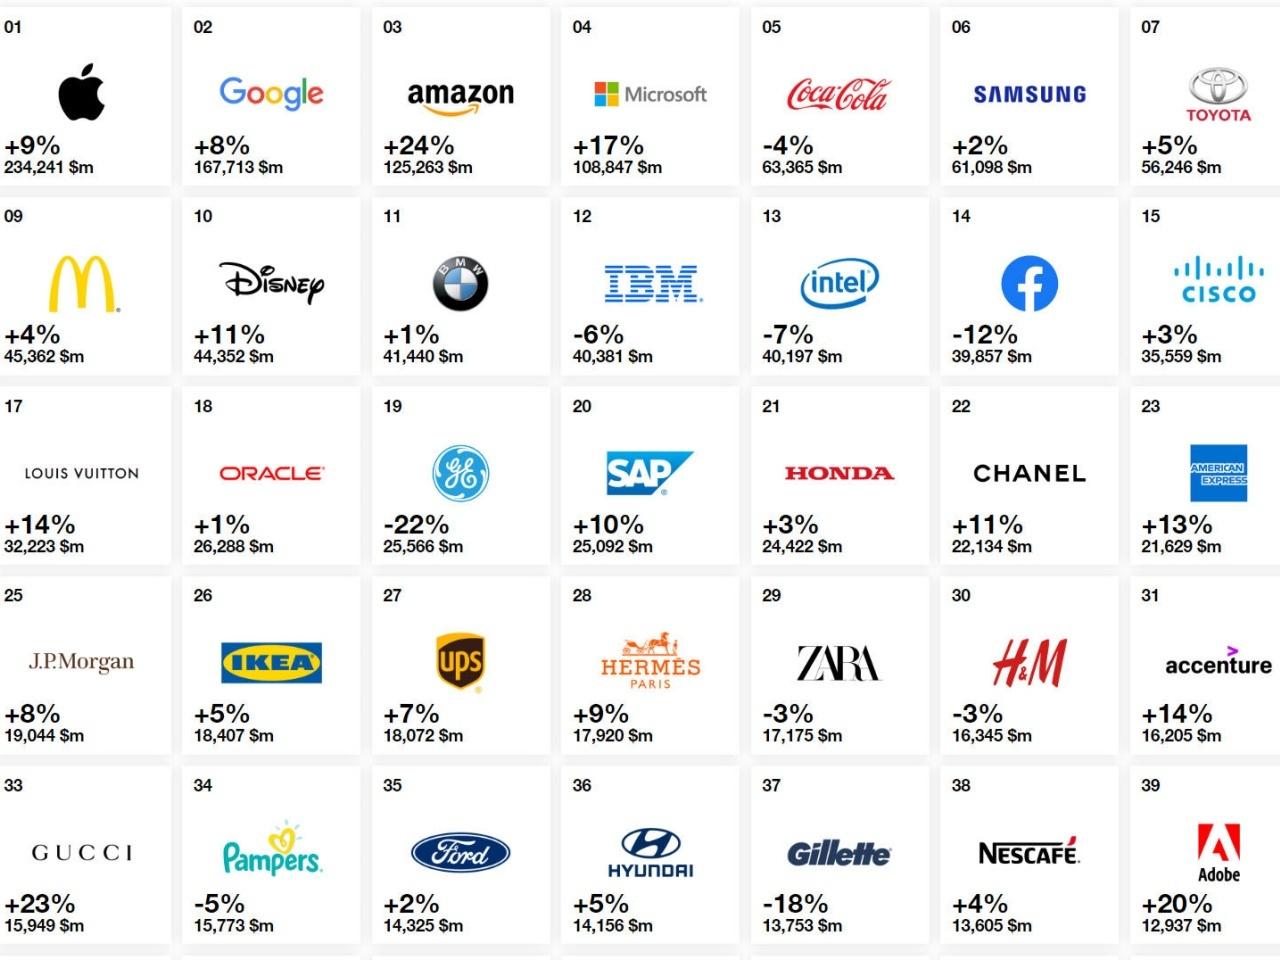 世界ブランド価値でアップルが首位を維持、Facebookは順位落とす